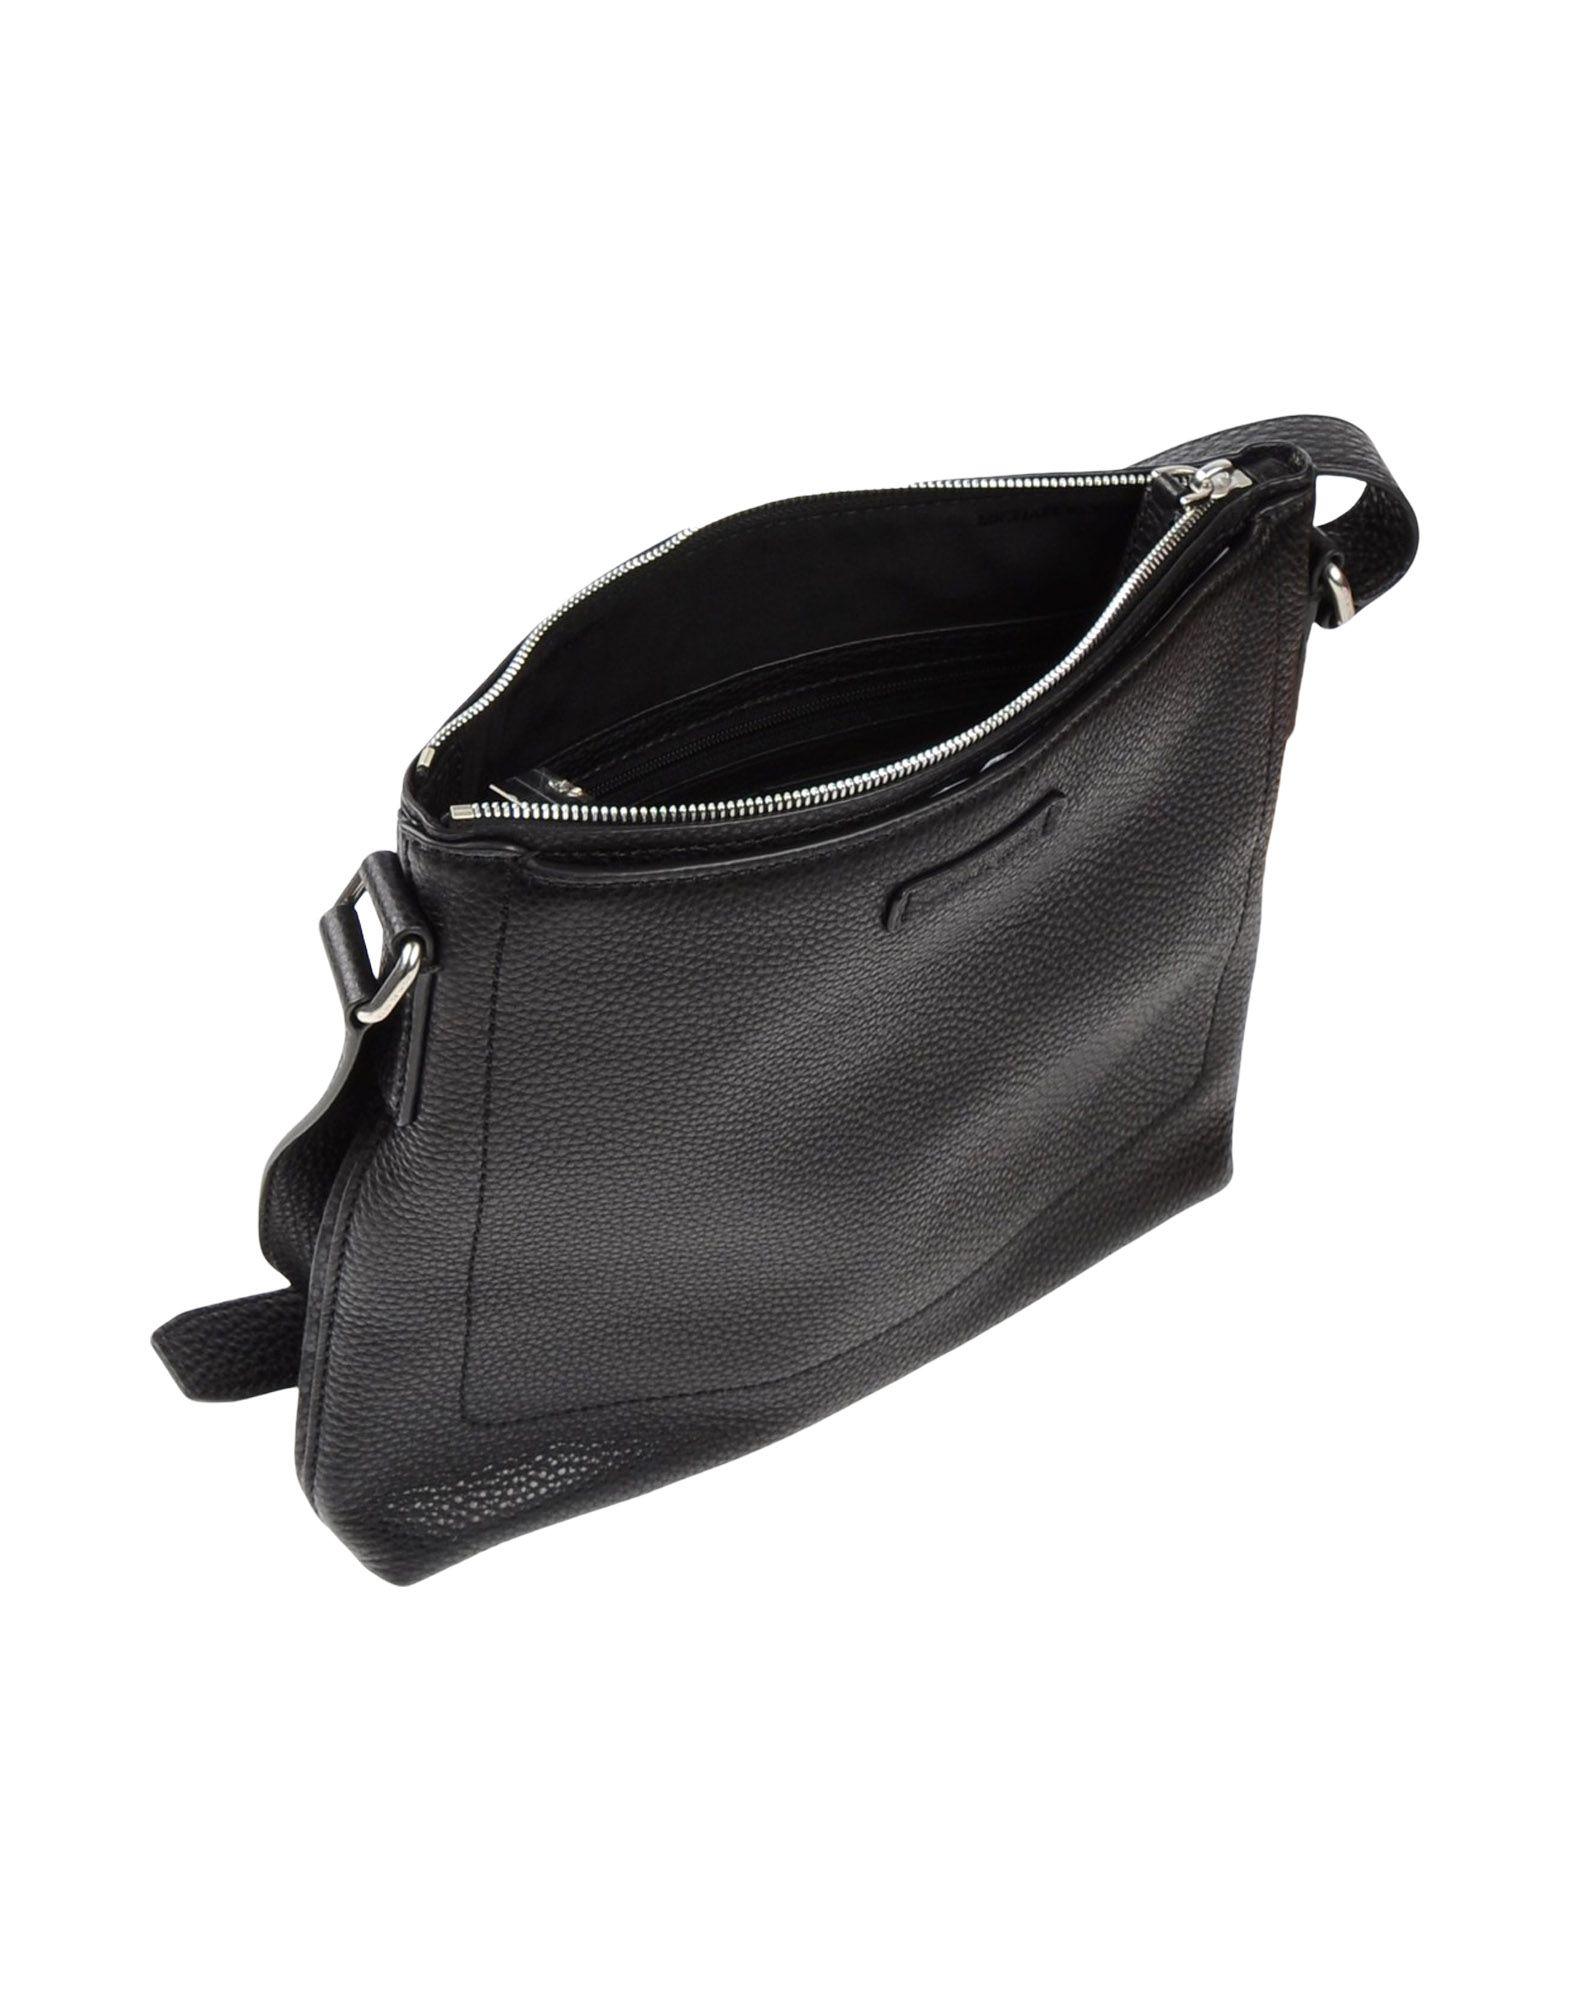 3bb437d61973 Michael Kors Cross-body Bag in Black for Men - Lyst